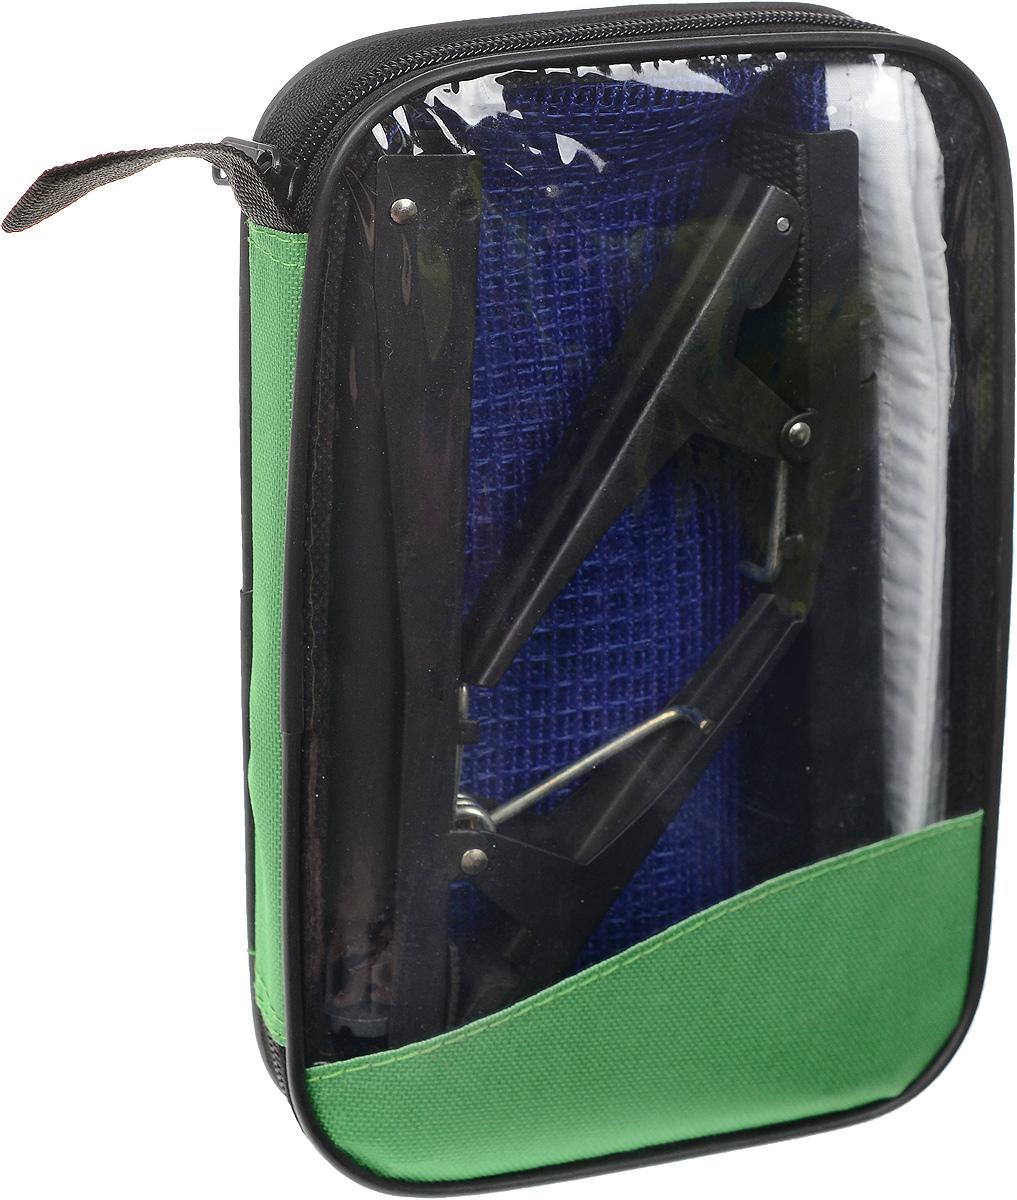 Сетка для настольного тенниса Start Up, с креплениями, цвет: синий, белый, черный, длина 185 смW203S_синийСетка для настольного тенниса Start Up выполнена из прочного нейлона. В комплекте два металлических крепления. Натяжение сетки можно регулировать. Ширина сетки: 14 см.